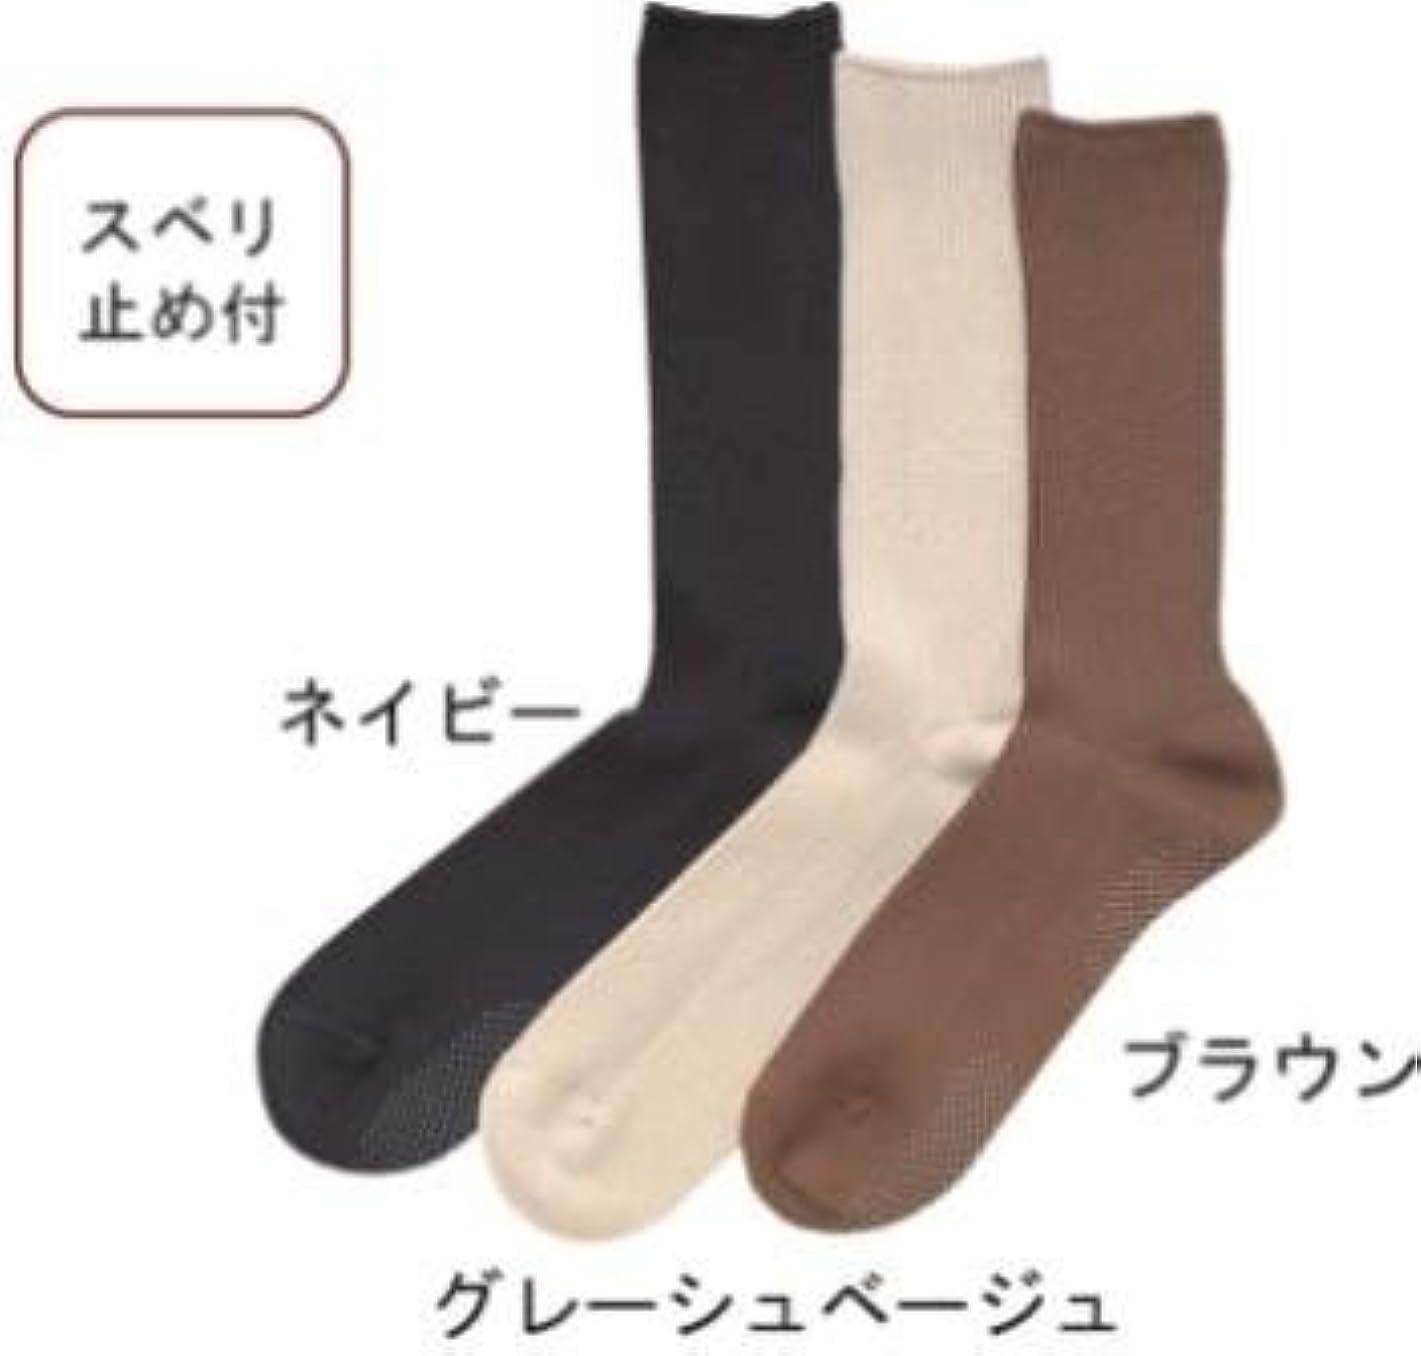 故意の増幅する努力する靴下 紳士ソックス(通年用) (HL713):26~28cm グレイッシユベージユ